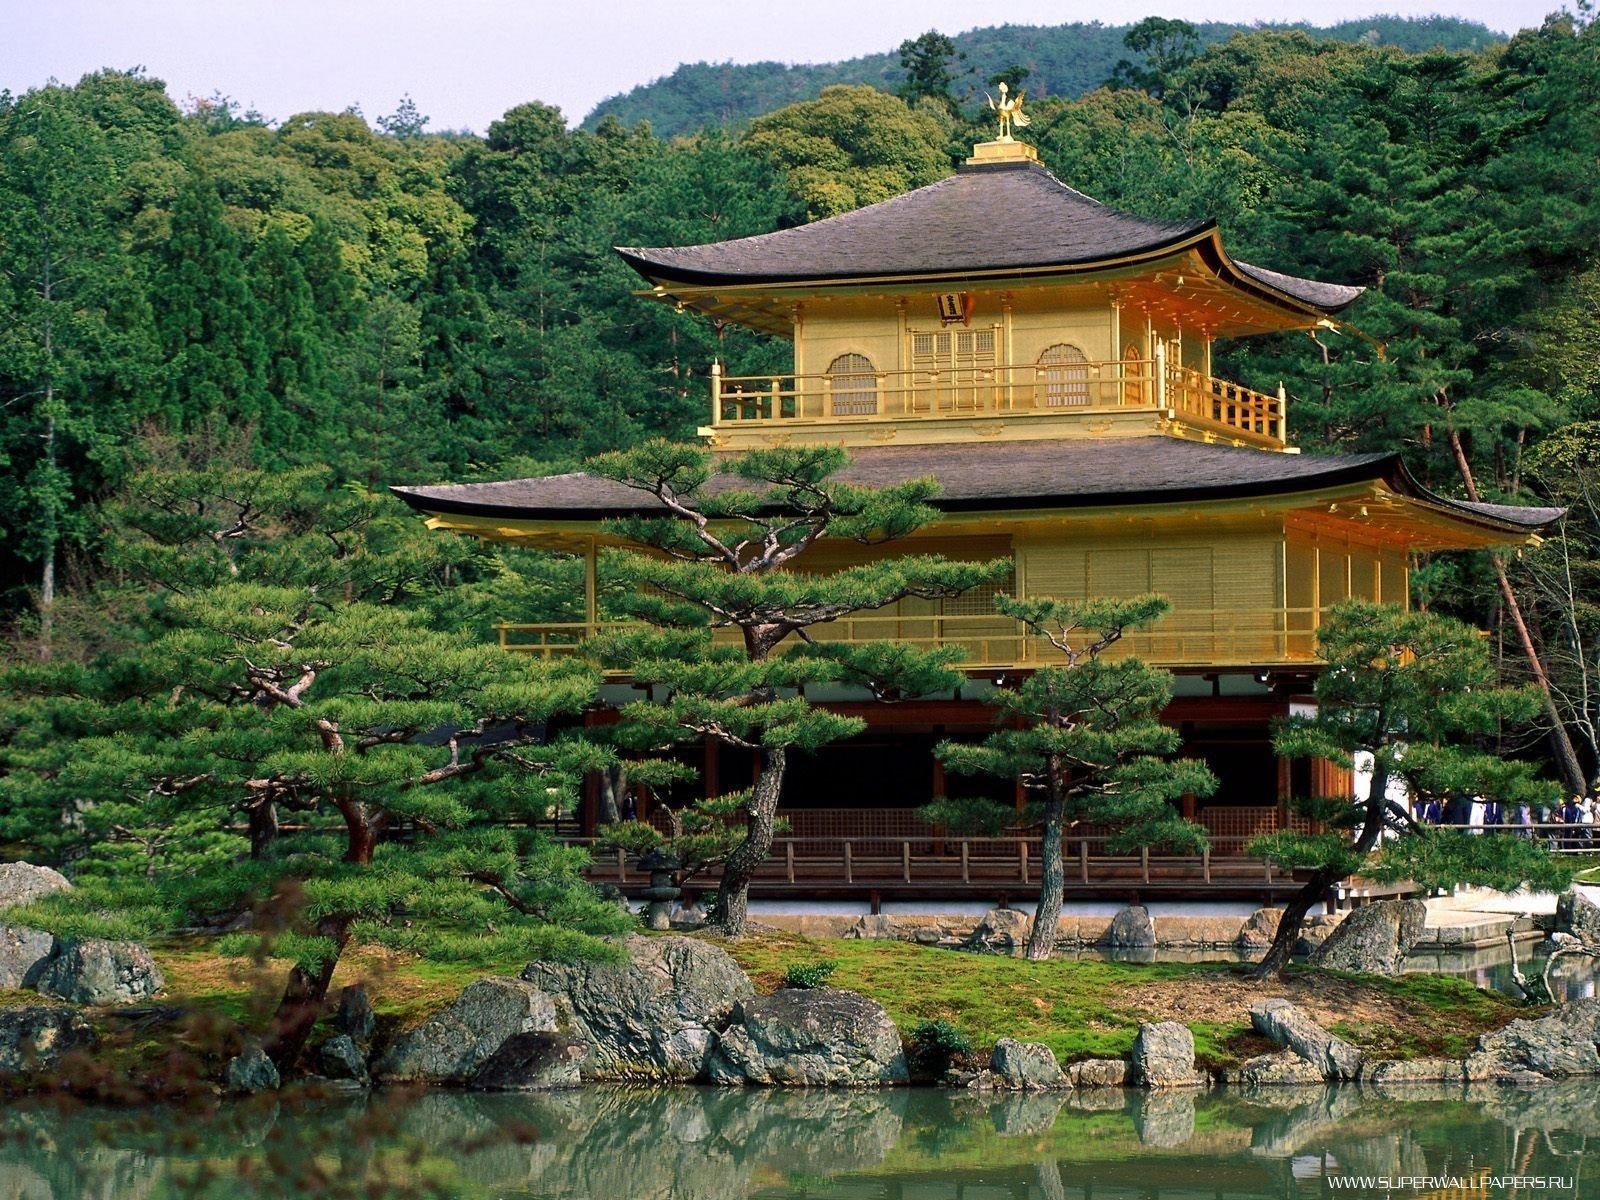 Japan images japanese landscape hd wallpaper and for Japanese landscape